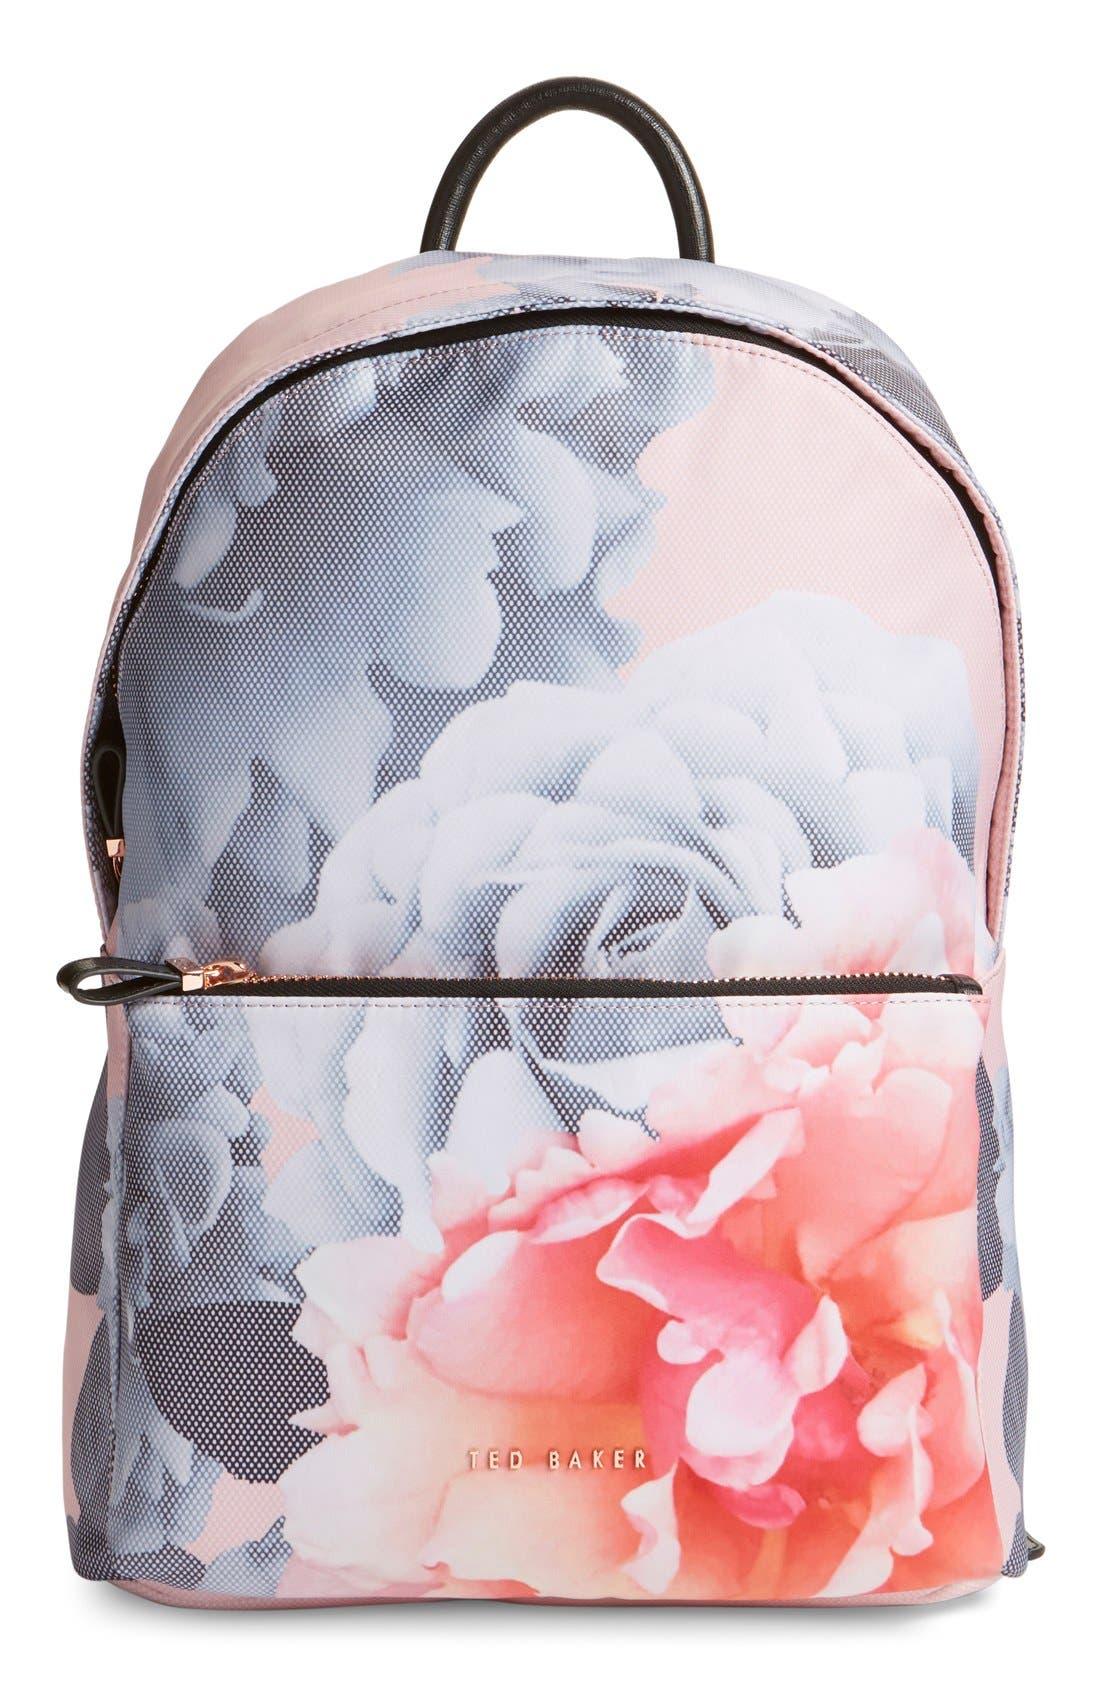 'Mariesa' Floral Print Backpack,                             Main thumbnail 1, color,                             672